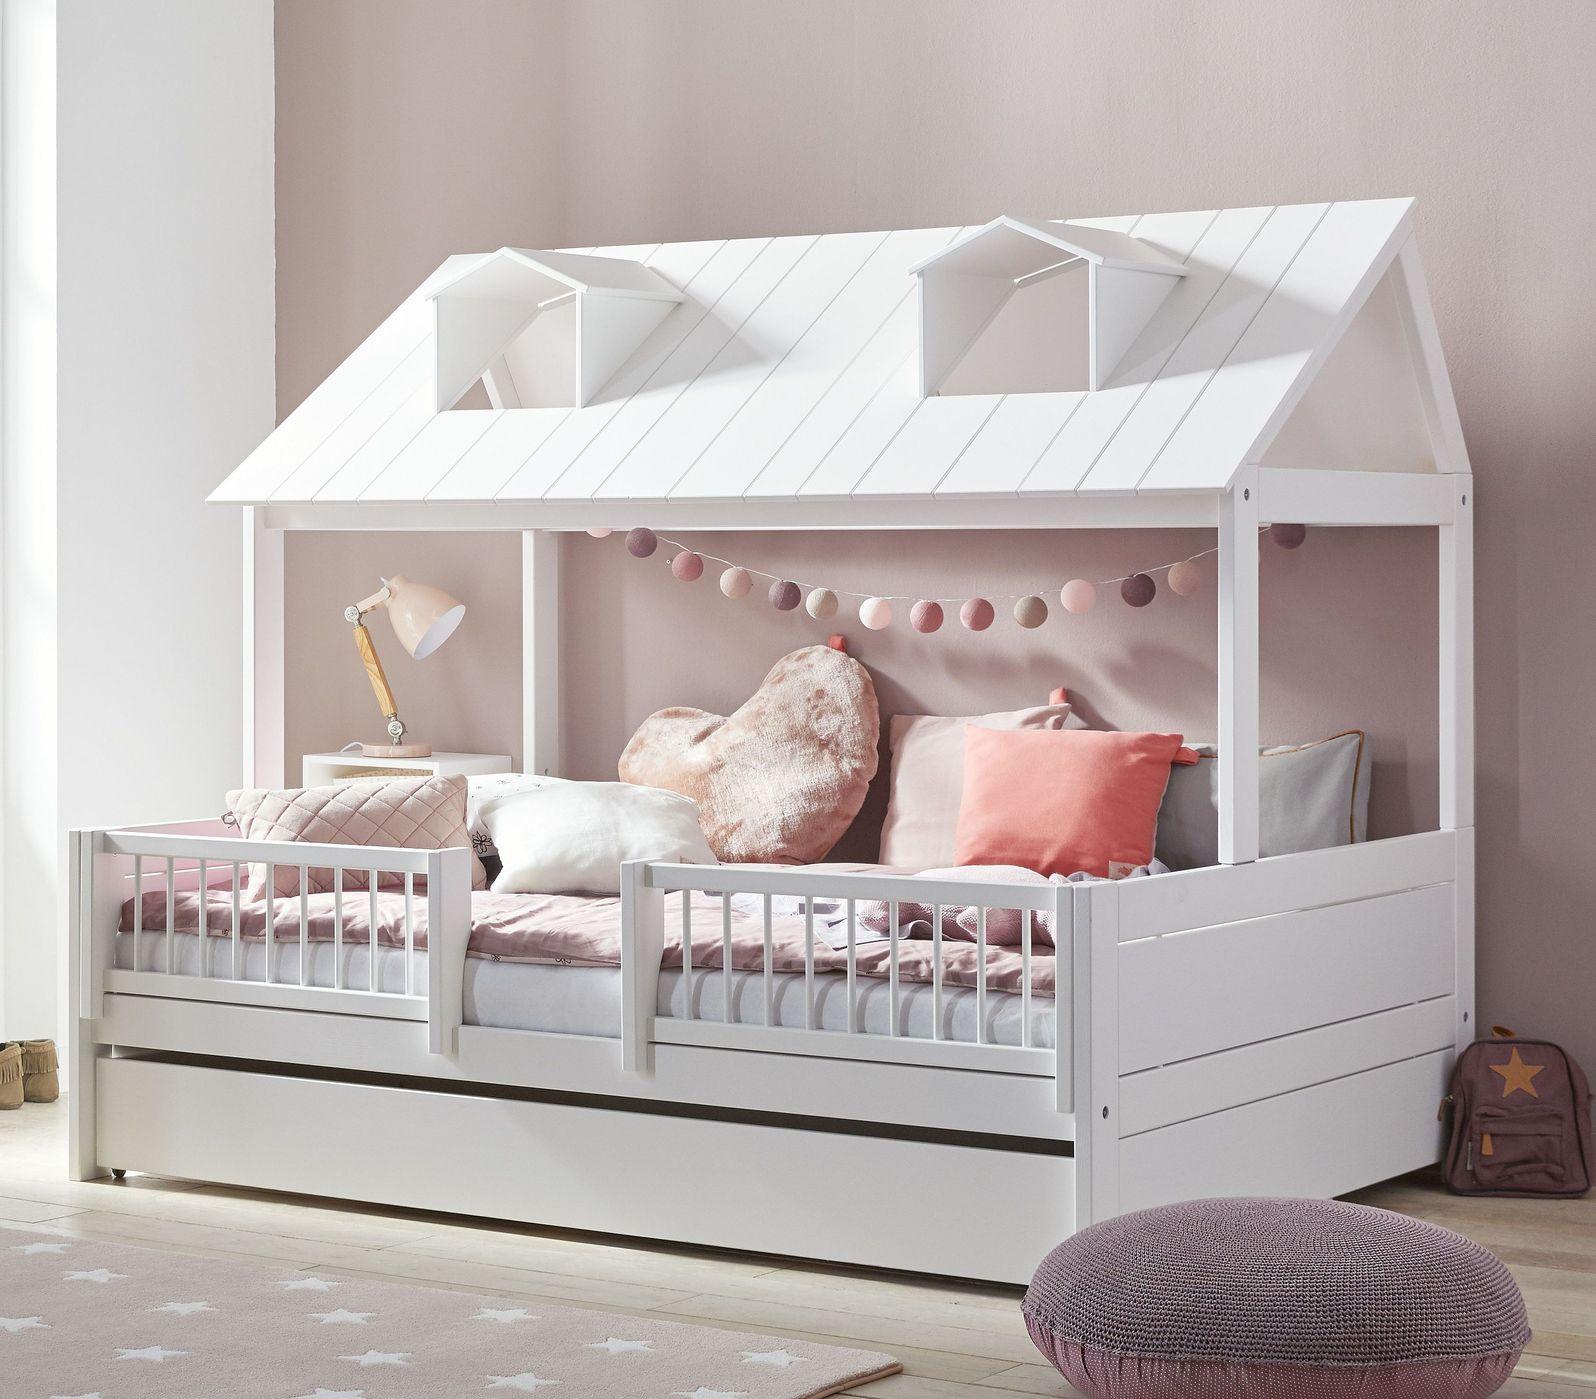 Full Size of Lifetime Kinderbett Kiefer Im Amerikanischen Stil Ferienhaus Bett Mit Stauraum 140x200 160x200 Betten 200x200 Wohnzimmer Kinderbett Stauraum